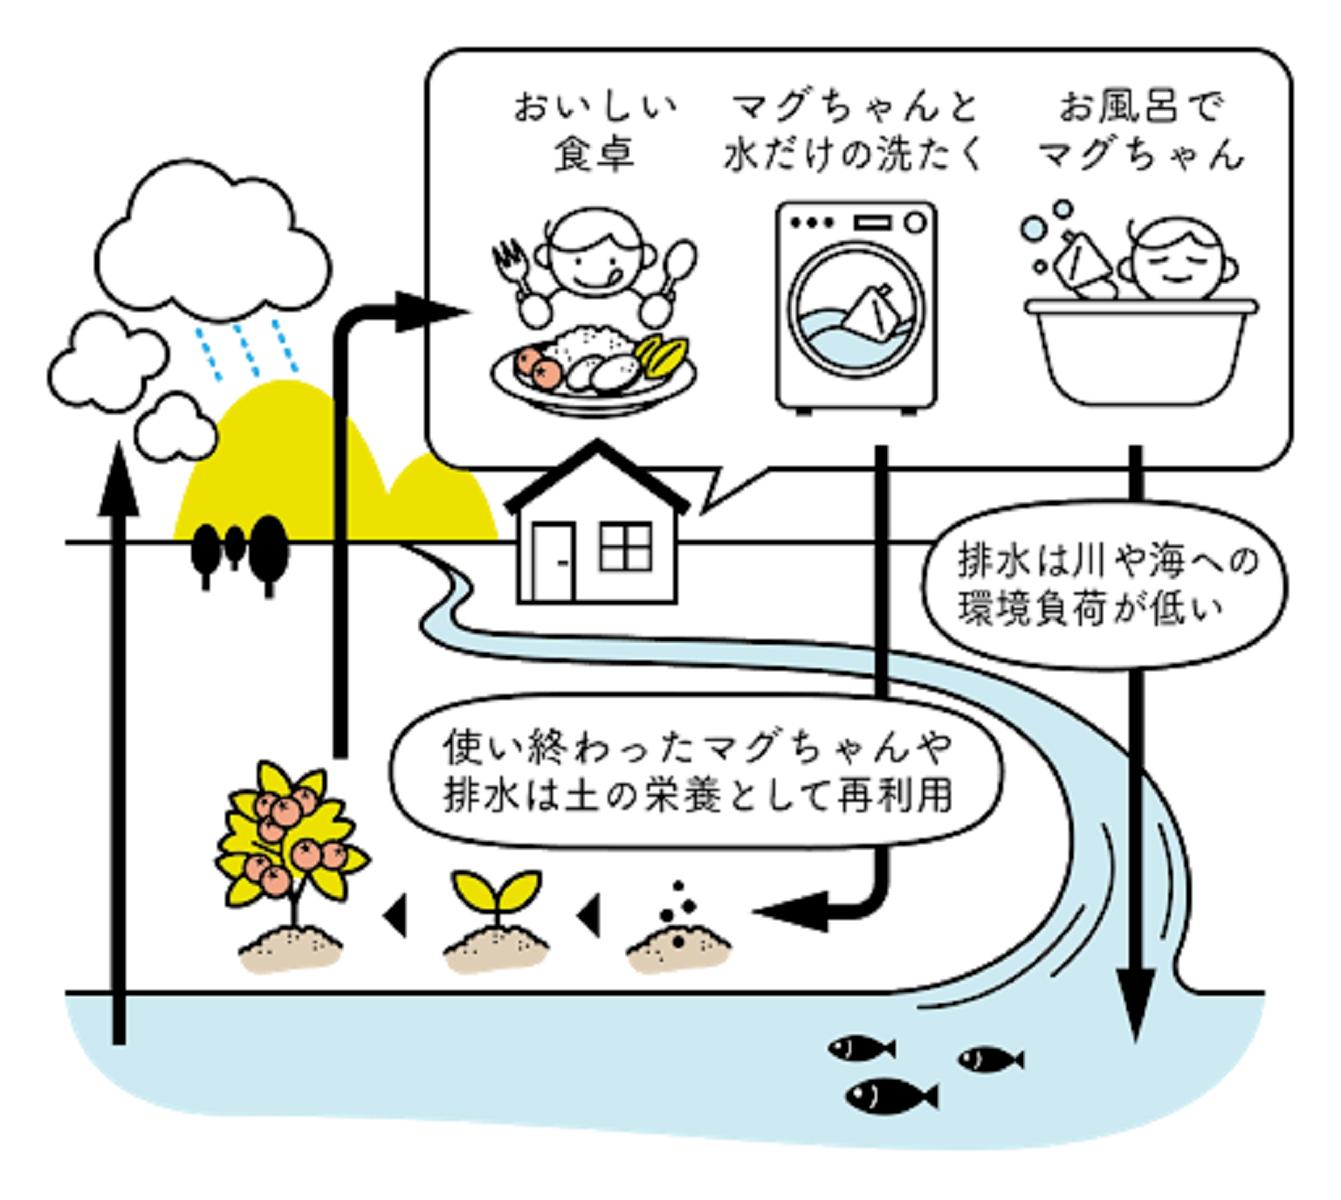 【自由テーマ】洗たくマグちゃん